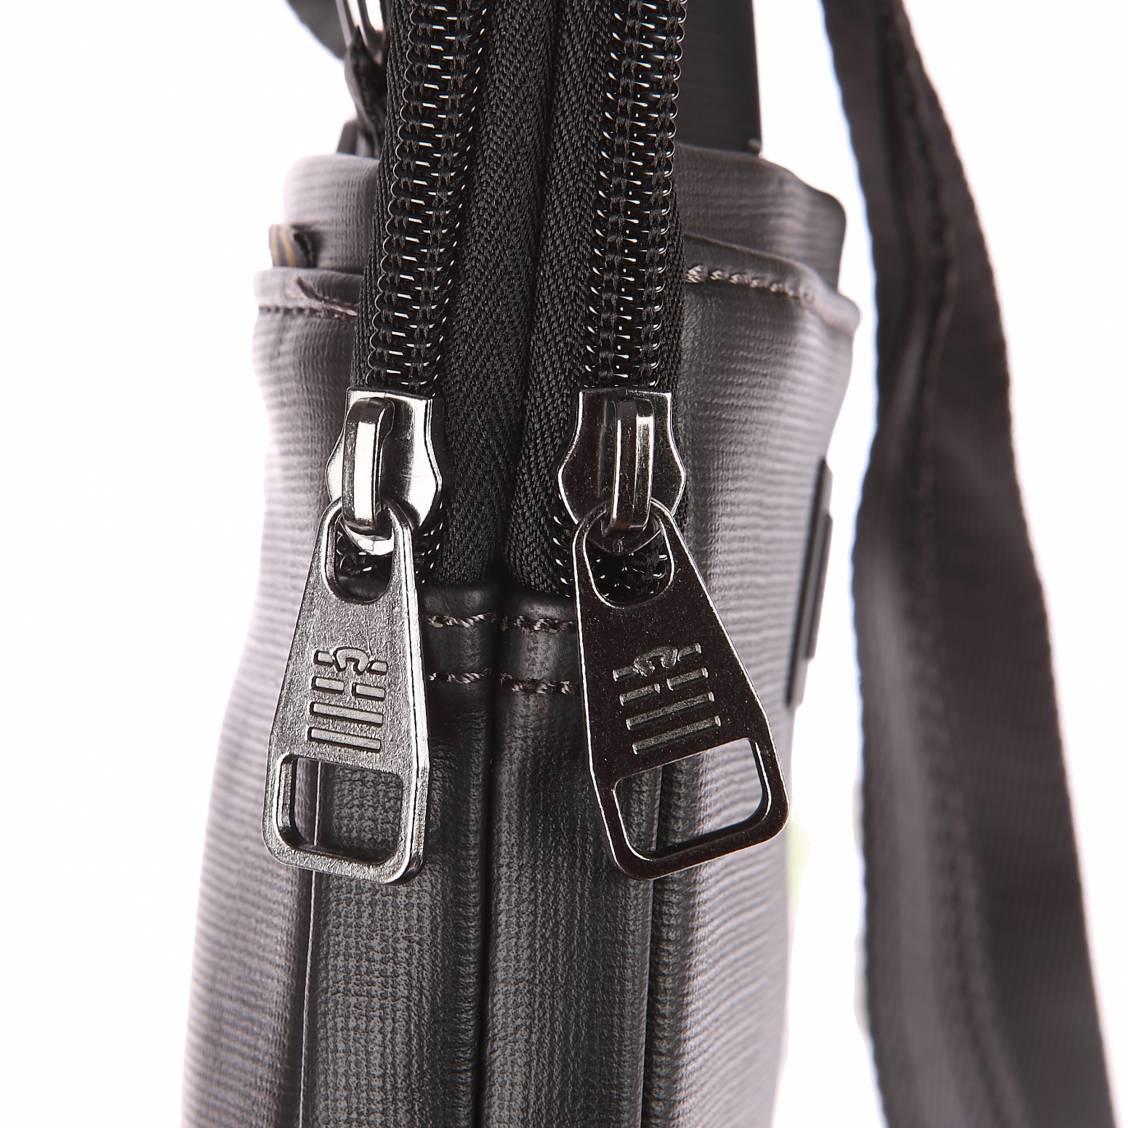 Petite sacoche zippée porté croisé Serge Blanco noire à double compartiment 74aQsSiF4